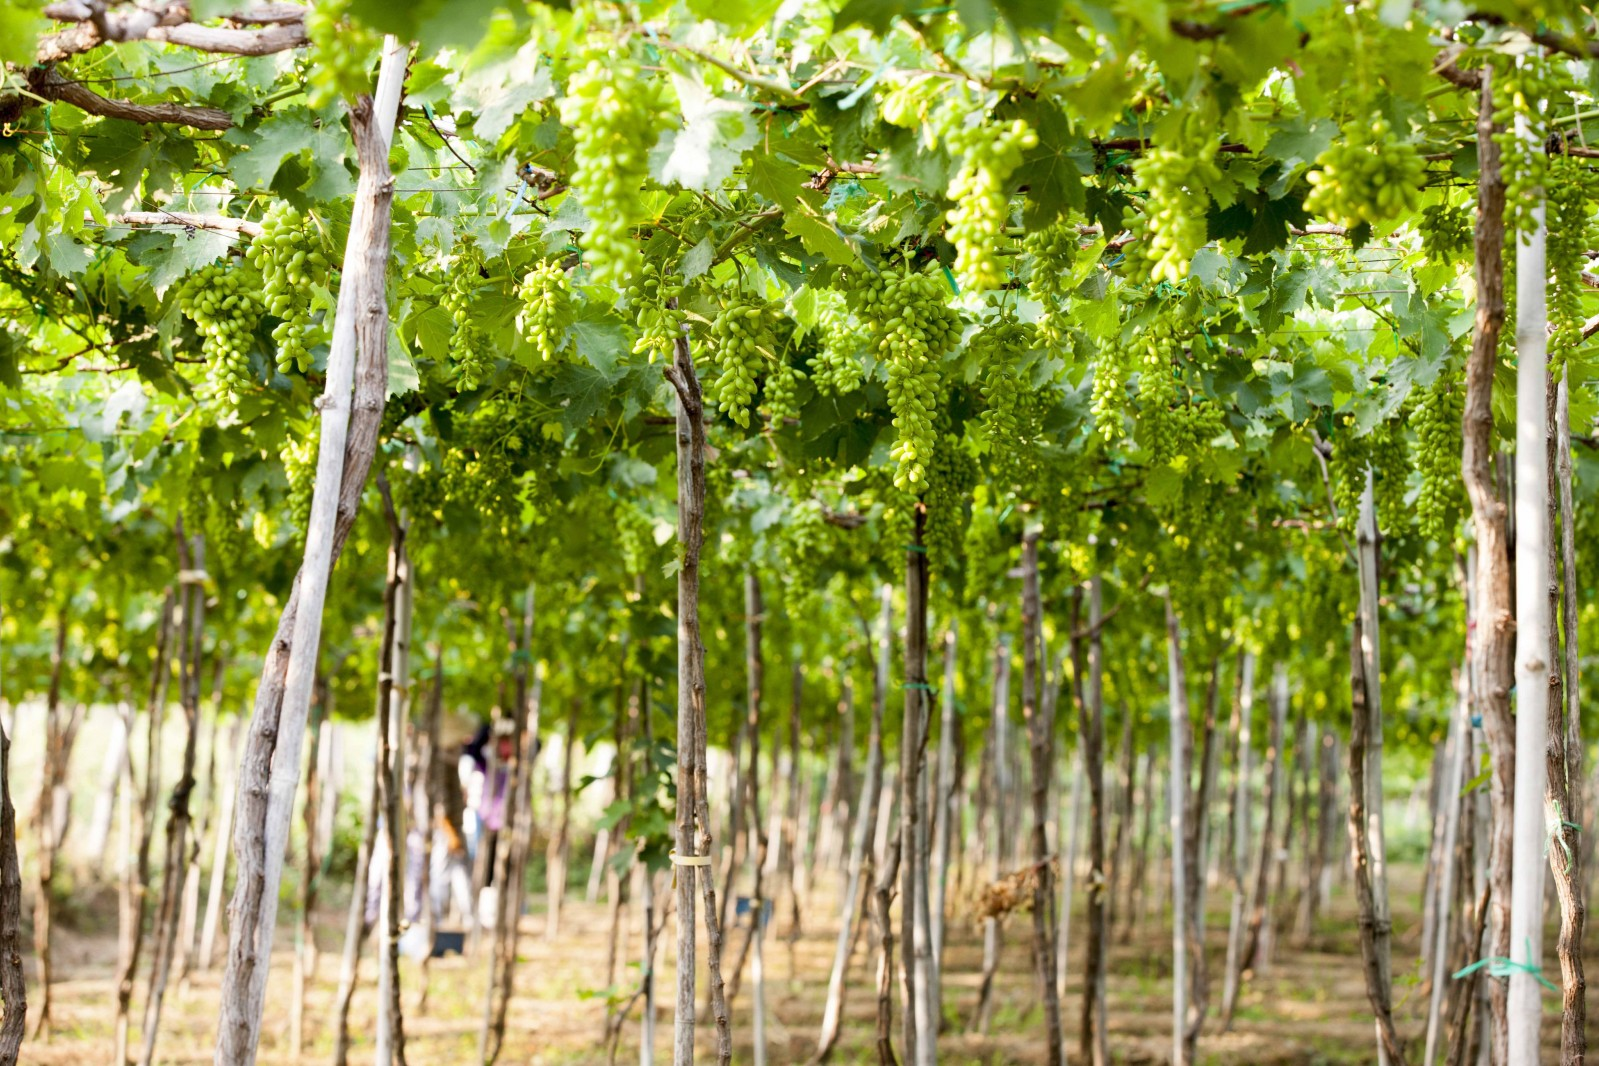 Nho trồng ở Ninh Thuận có rất nhiều giống khác nhau, trong đó có hai giống nho ăn tươi chính là nho đỏ và nho xanh và thương hiệu nho đã được Cục Sở hữu Trí tuệ cấp chứng nhận chỉ dẫn địa lý vào năm 2012.